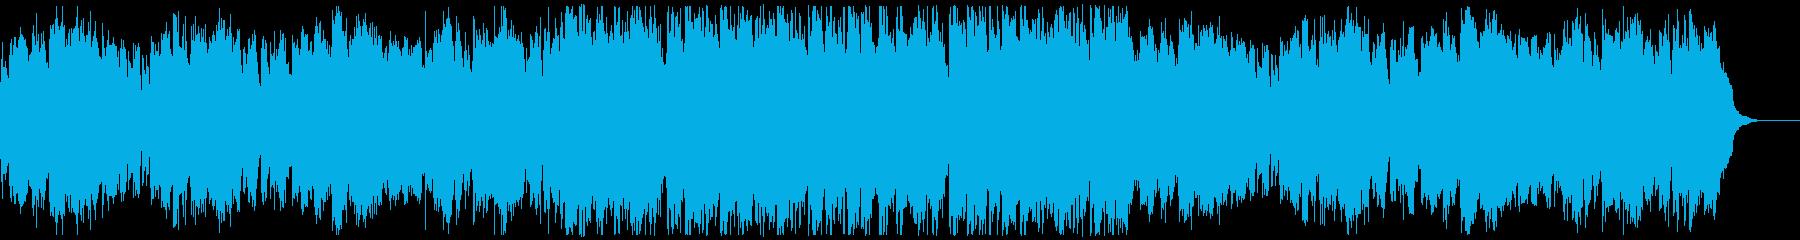 オープニング・優しいボサノバの再生済みの波形